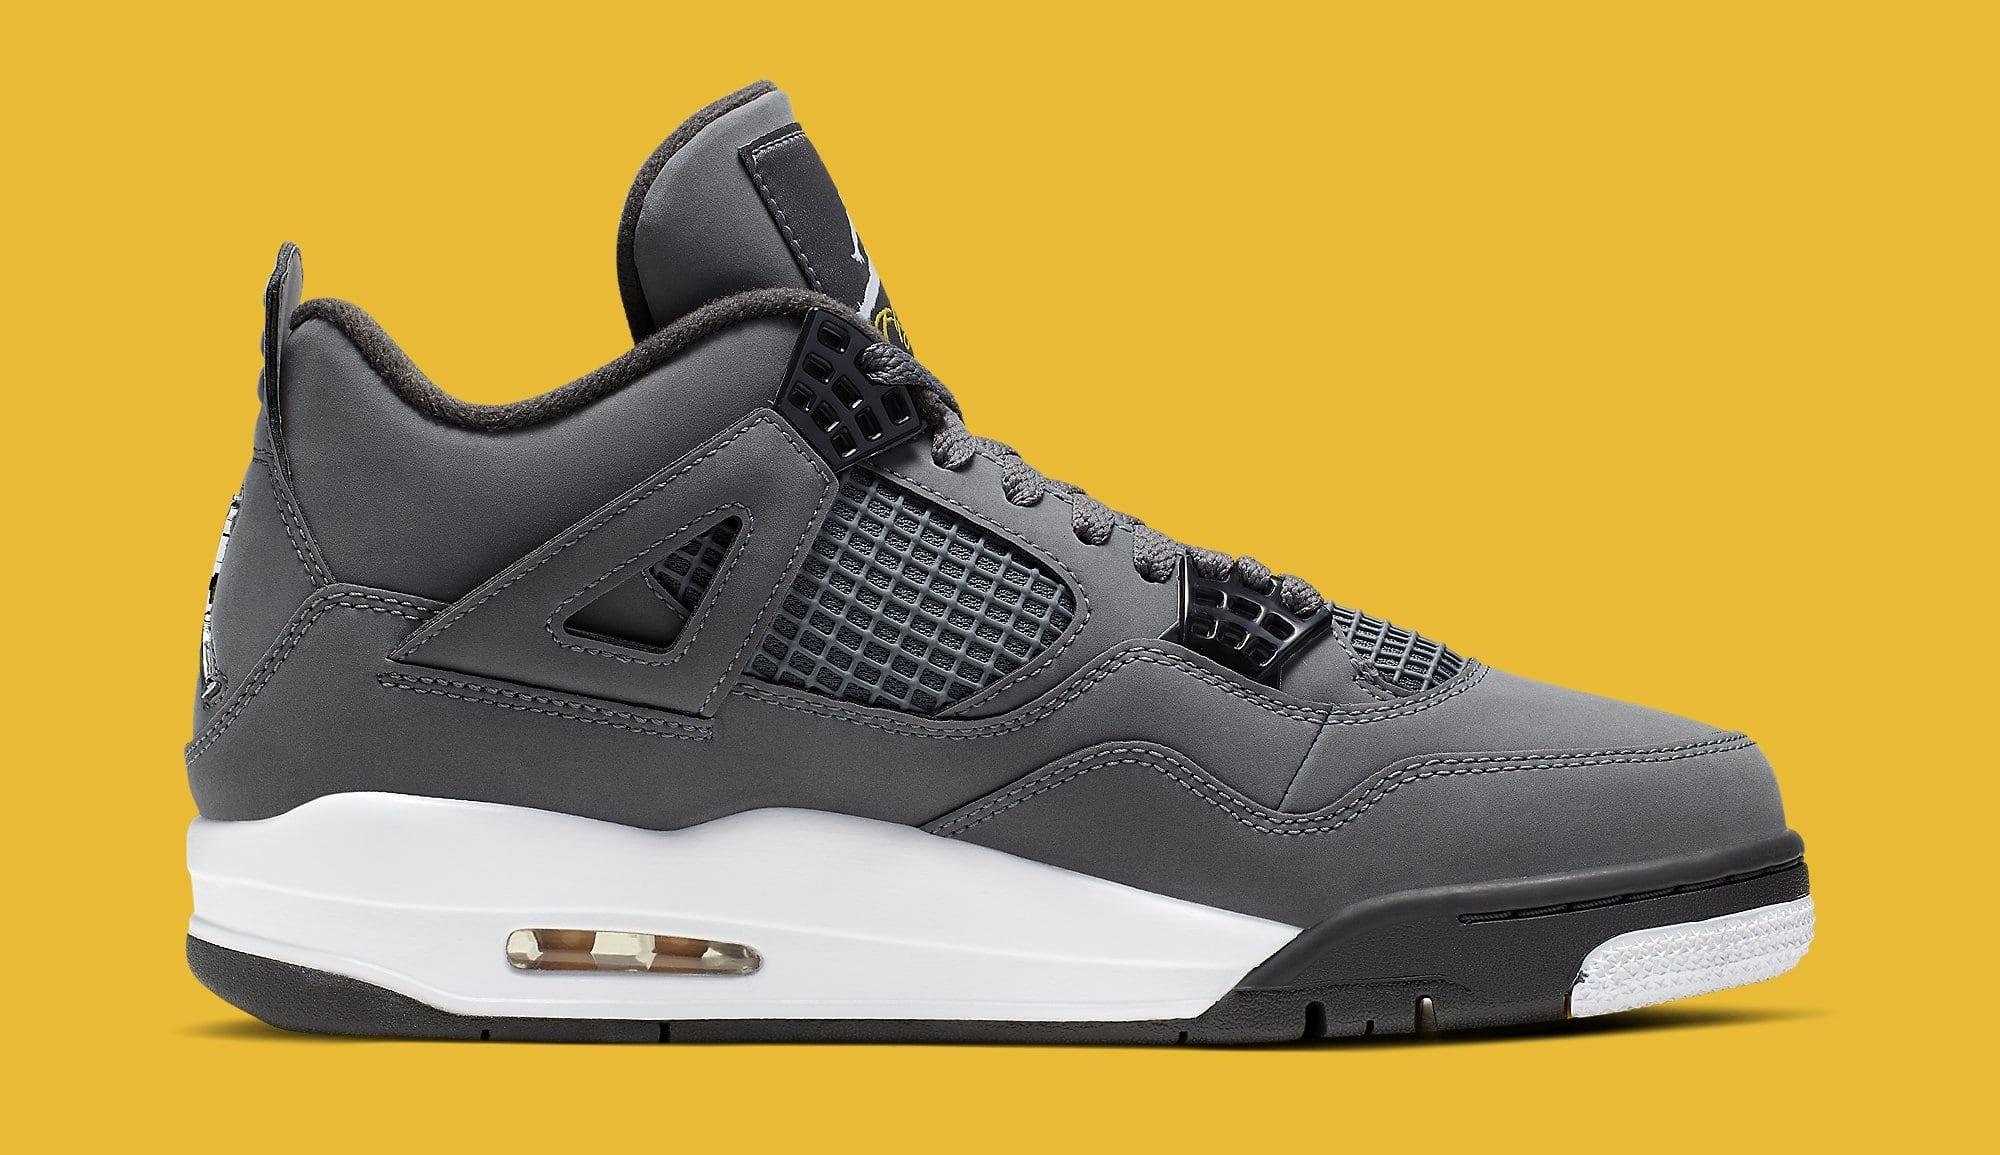 Air Jordan 4 'Cool Grey' 308497-007 (Medial)